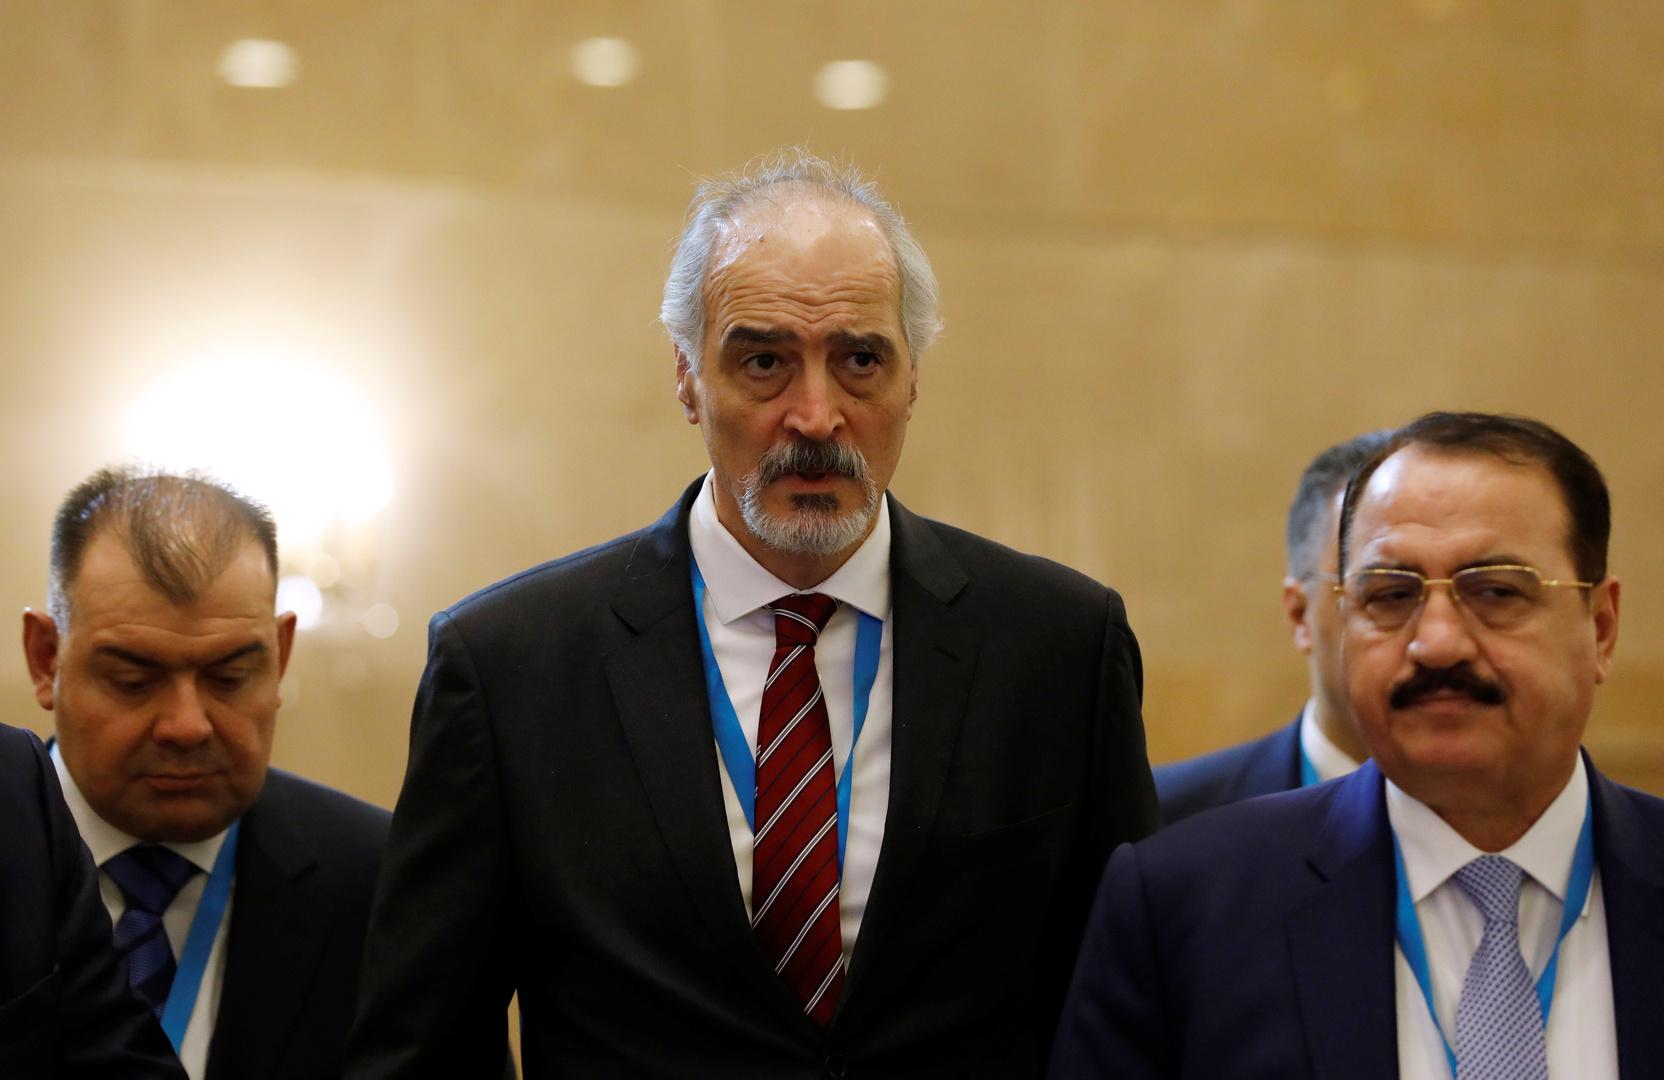 الجعفري: سوريا لم تعد تملك أي برنامج أو أسلحة كيميائية منذ عام 2014